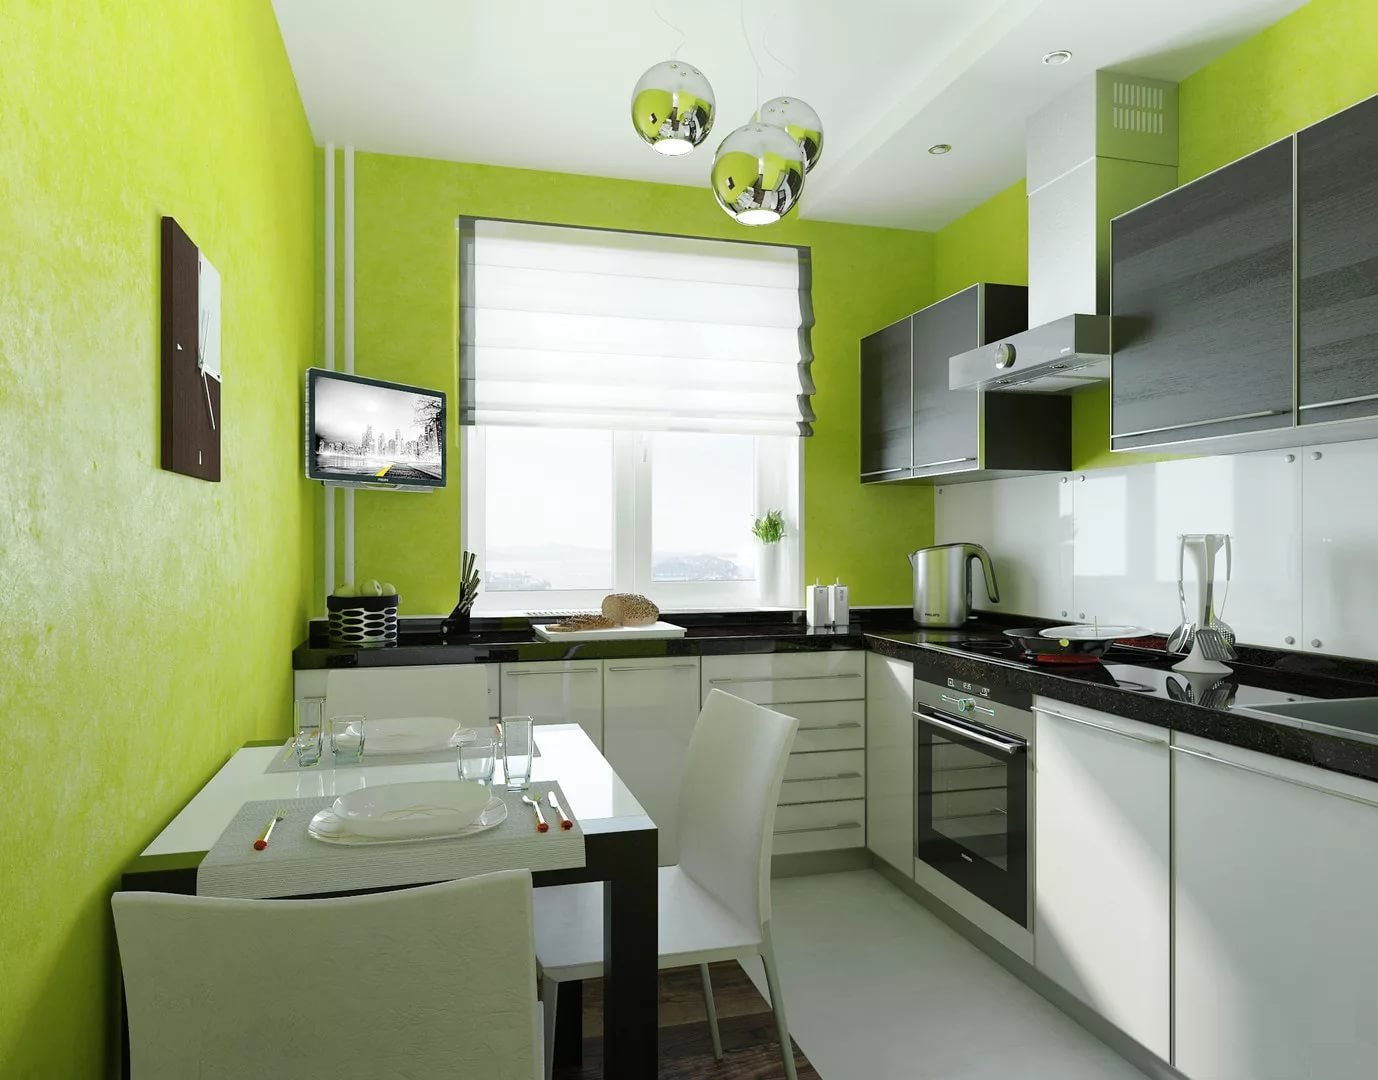 Оформление кухни в двухкомнатной квартире в зеленых тонах